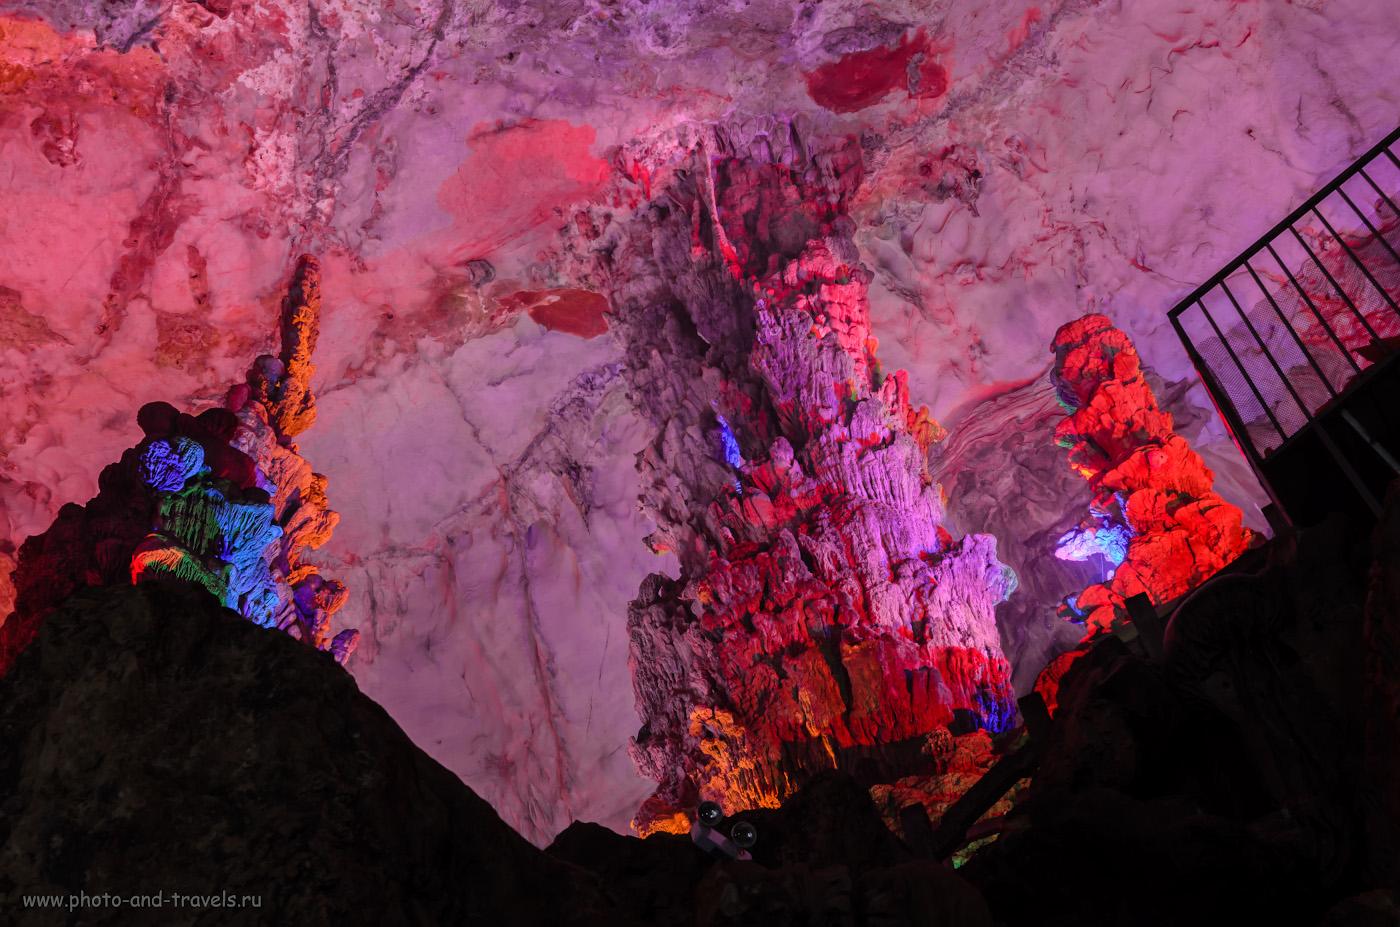 Фотография 6. Сталагмиты в пещере Crown Cave. Экскурсии в Гуйлине. Отчет о путешествии по Китаю самостоятельно. Параметры съемки: 1.6 сек., 8.0, 400, 31.